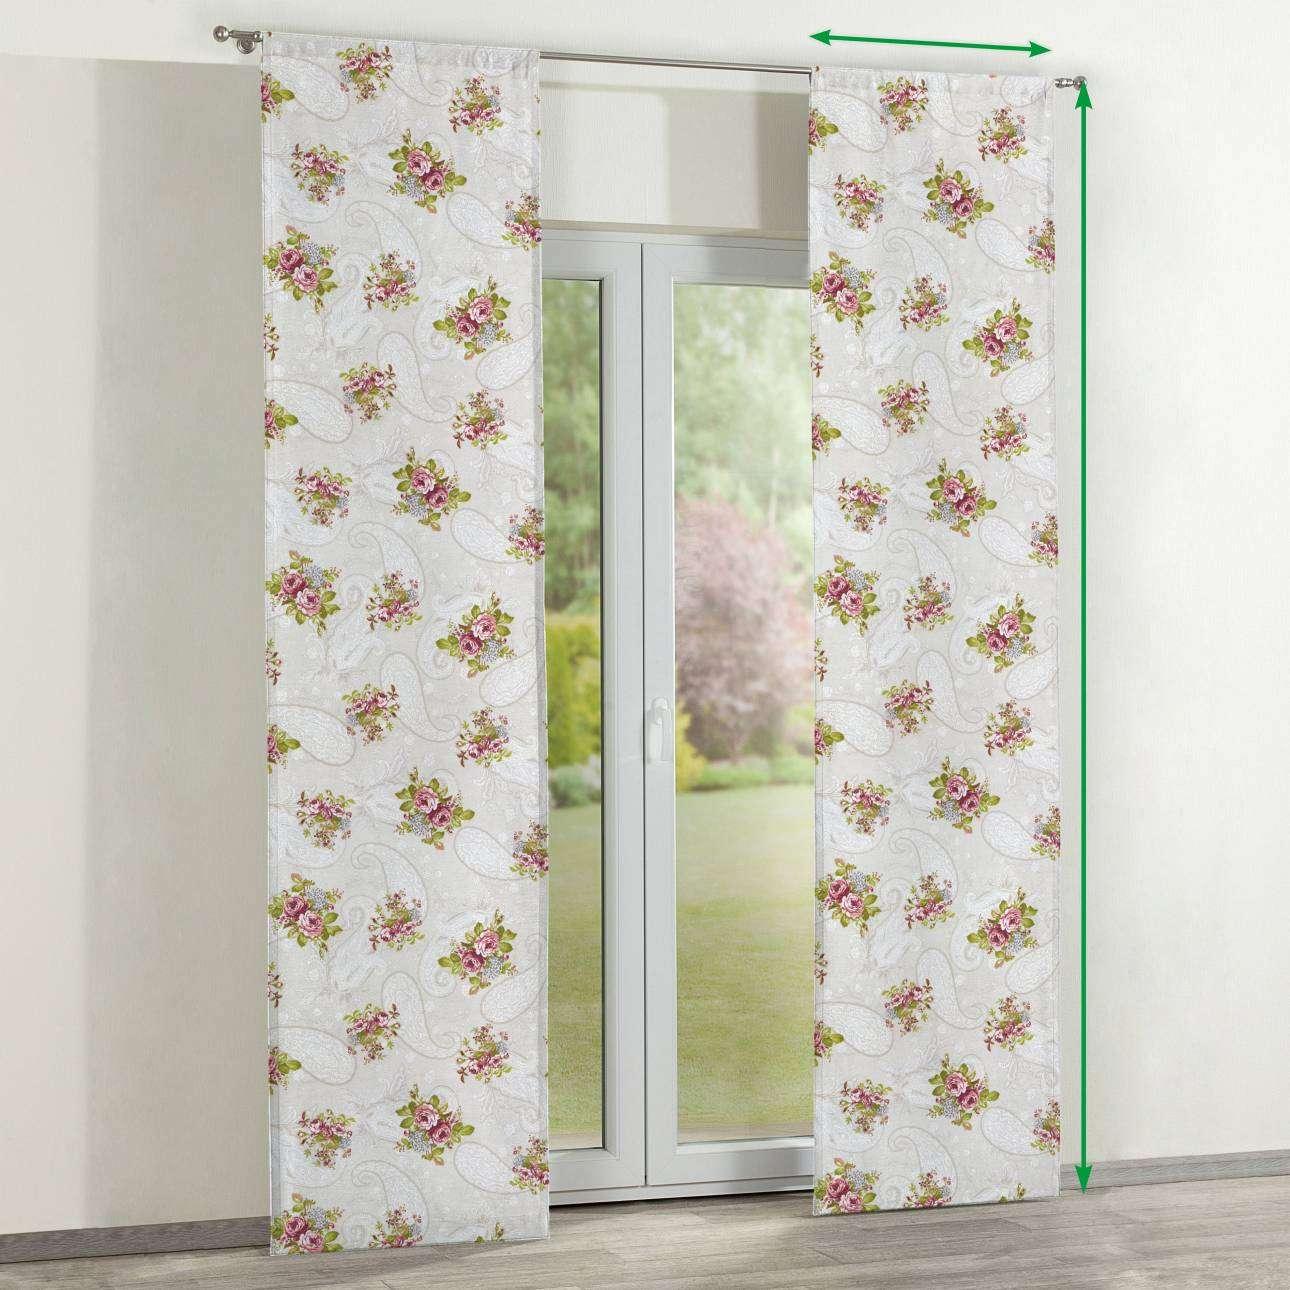 Lapfüggöny 2 darabos a kollekcióból Flowers Lakástextil, Dekoranyag: 311-15